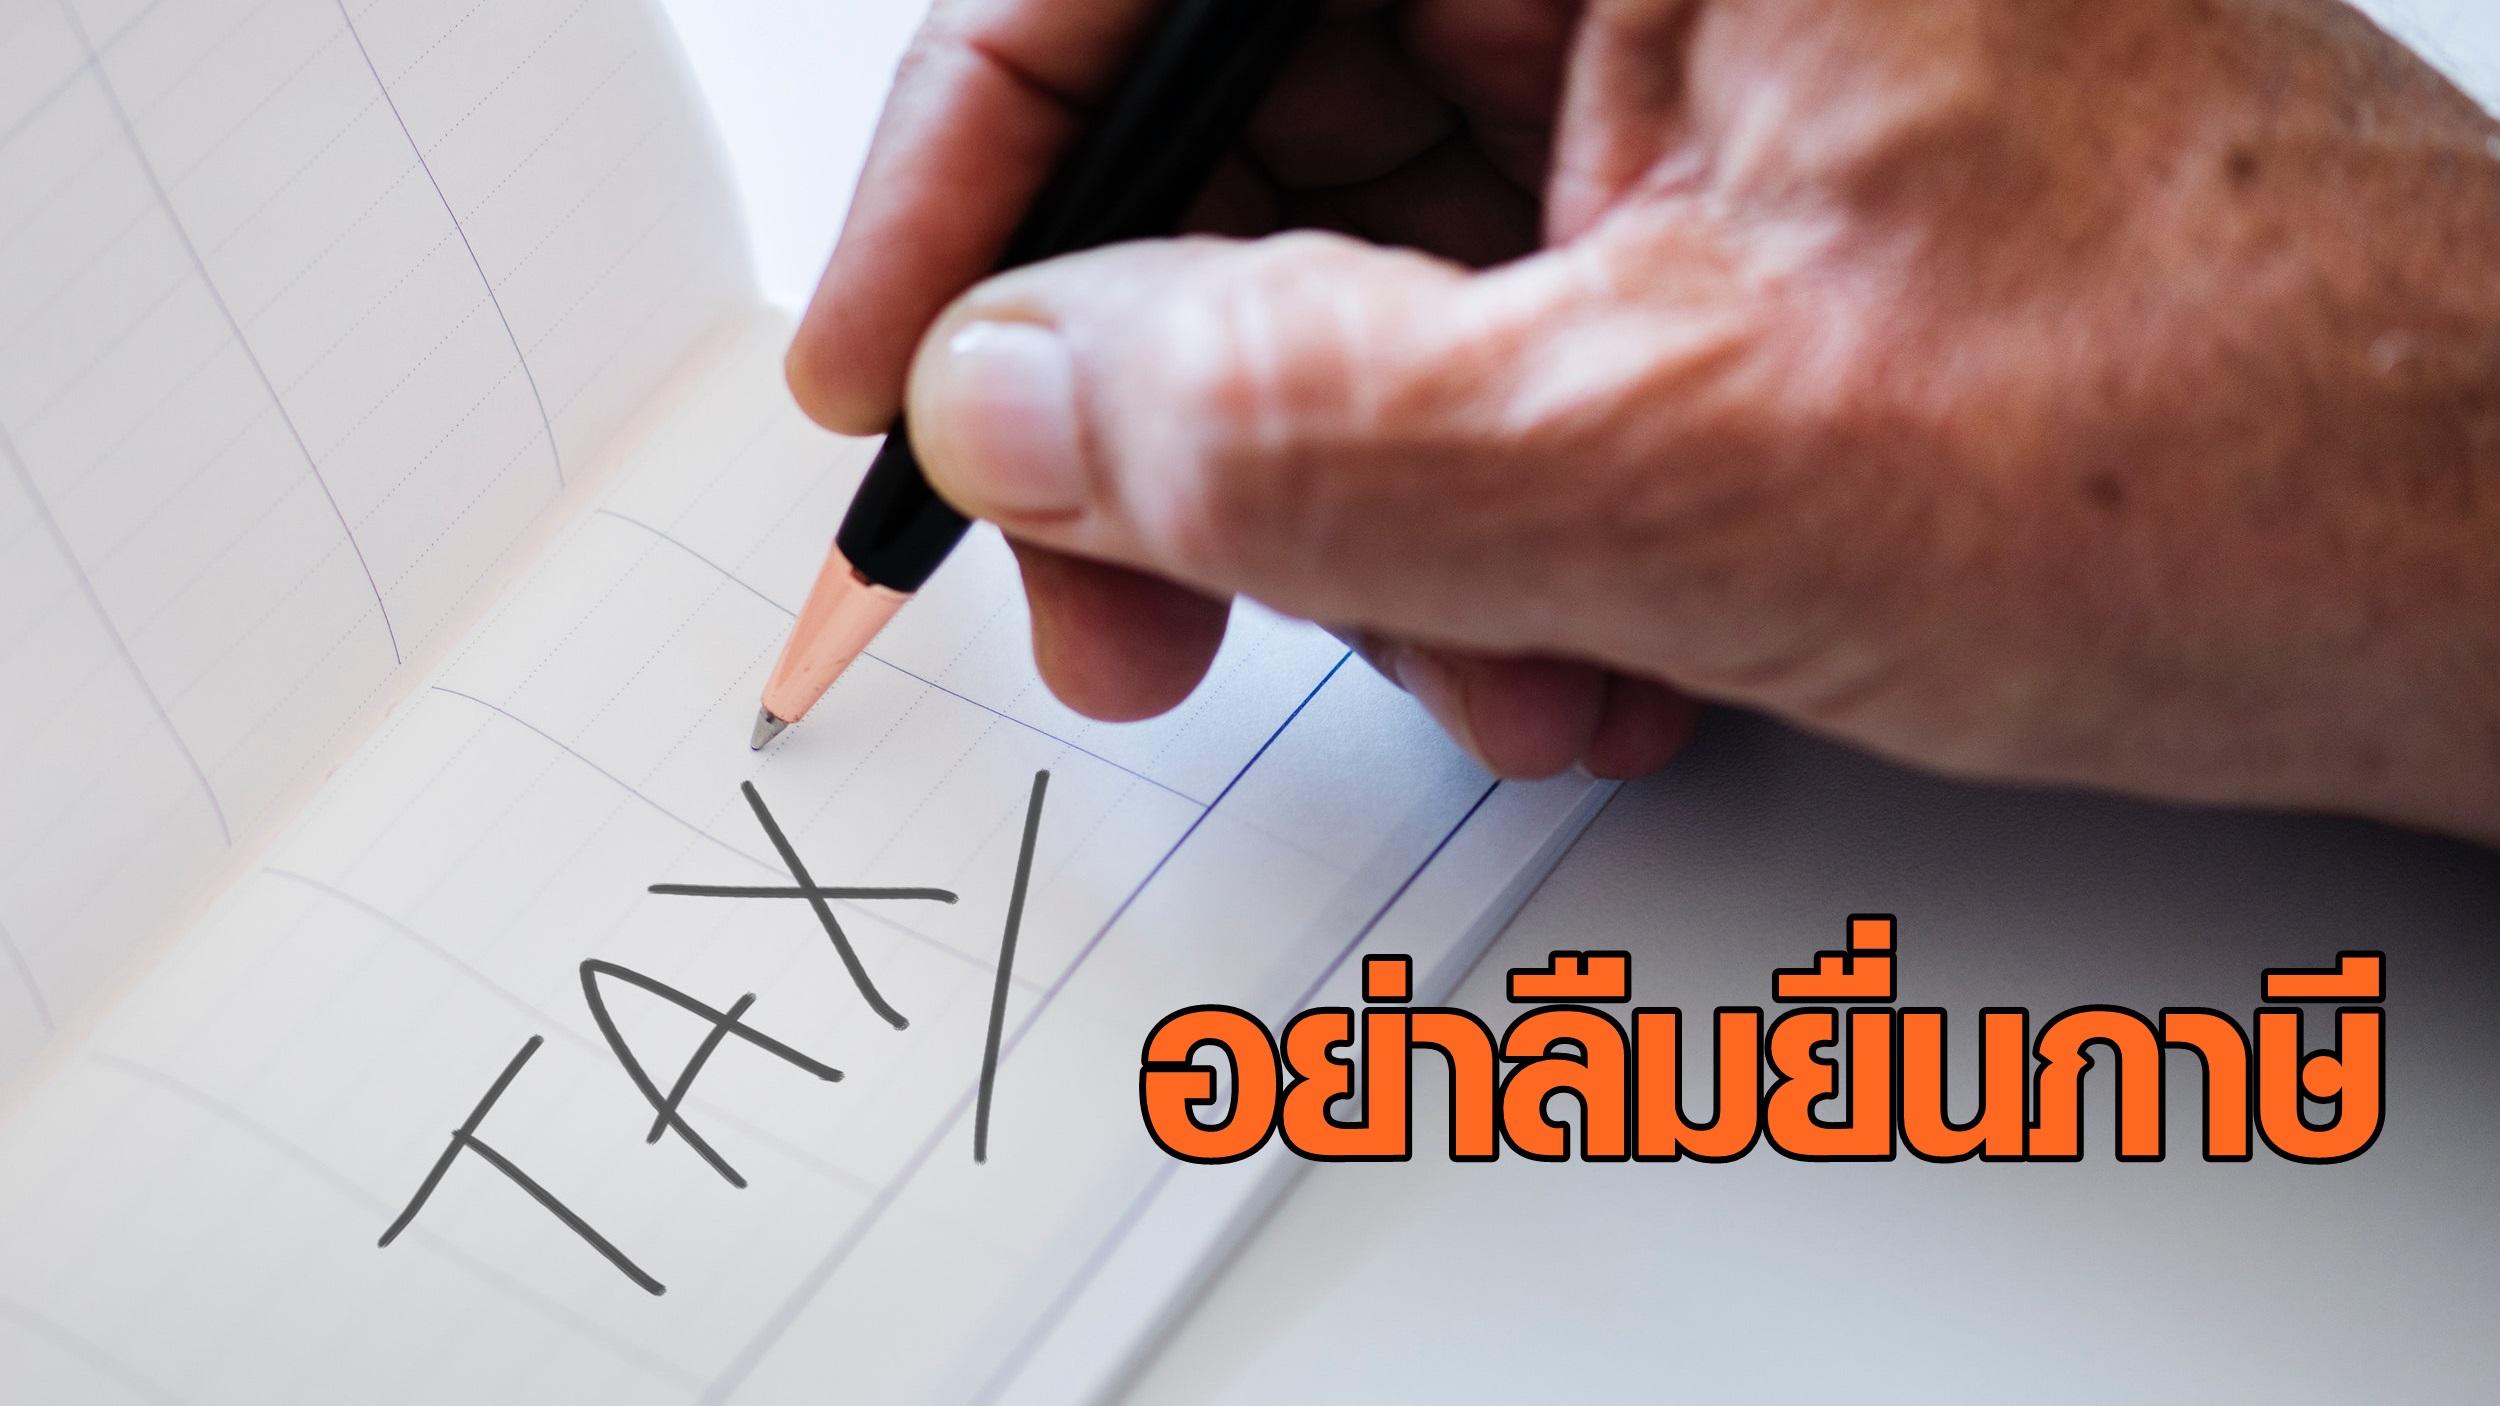 กรมสรรพากร ภาษีเงินได้บุคคลธรรมดา ยื่นภาษีเกินกำหนด